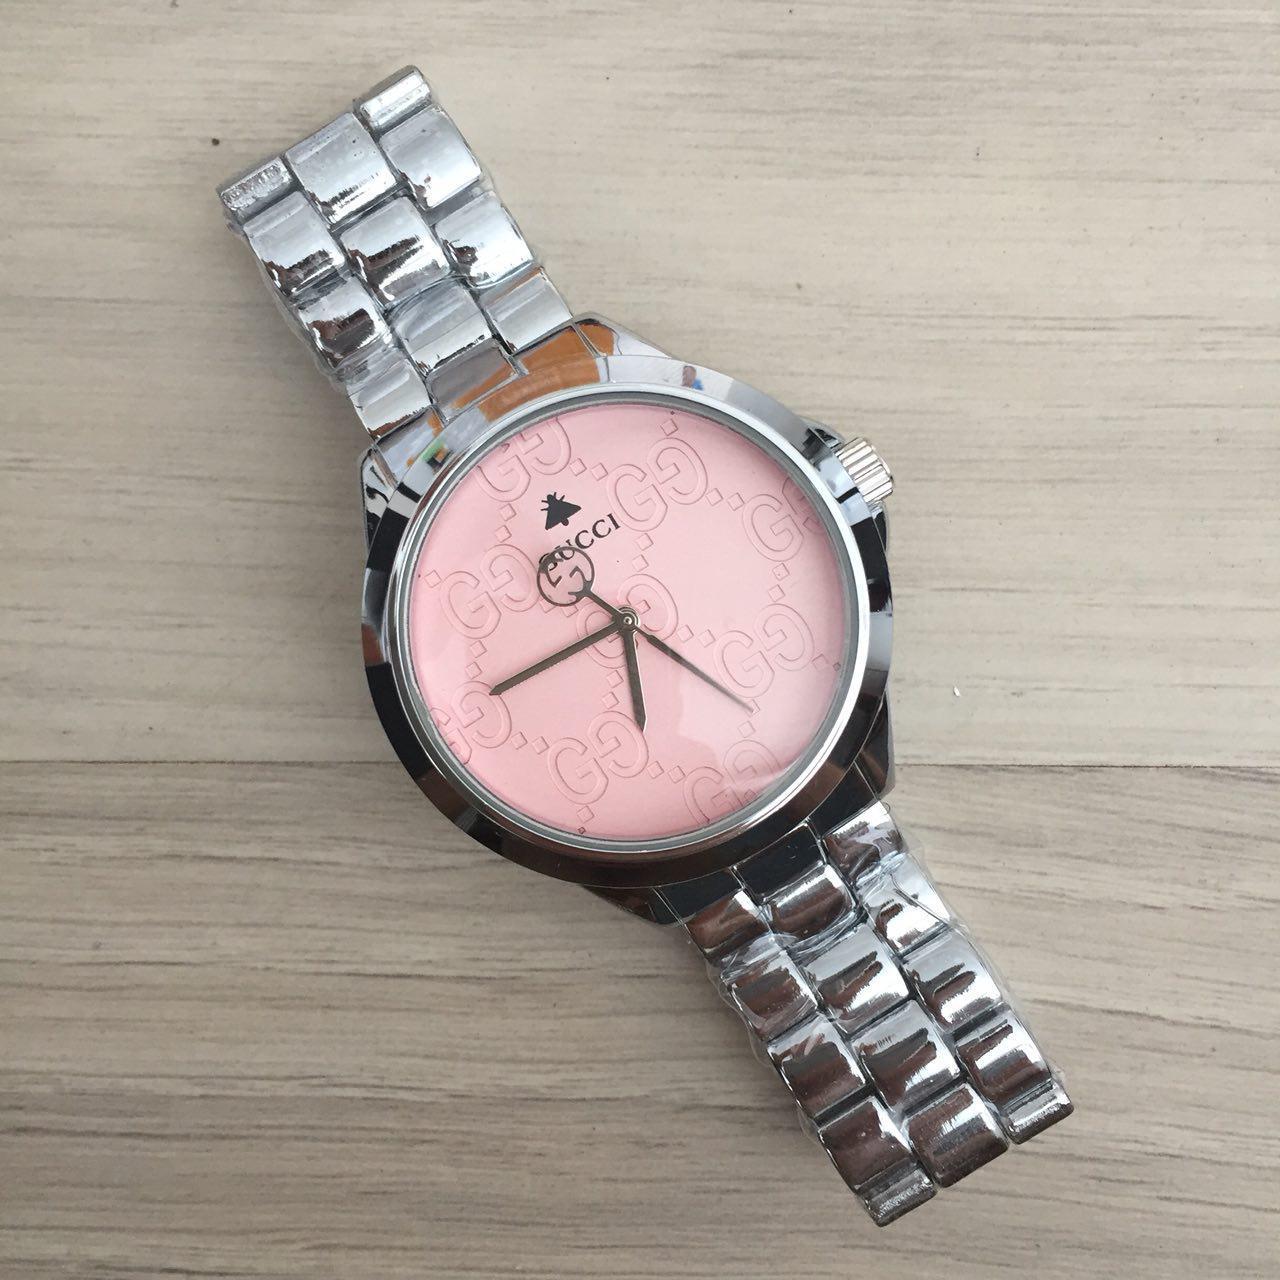 d24a081f Наручные часы Gucci 7161 GFS Silver Pink кварцевые, часы Гуччи, реплика,  отличное качество!, цена 360 грн., купить в Киеве — Prom.ua (ID#776340844)